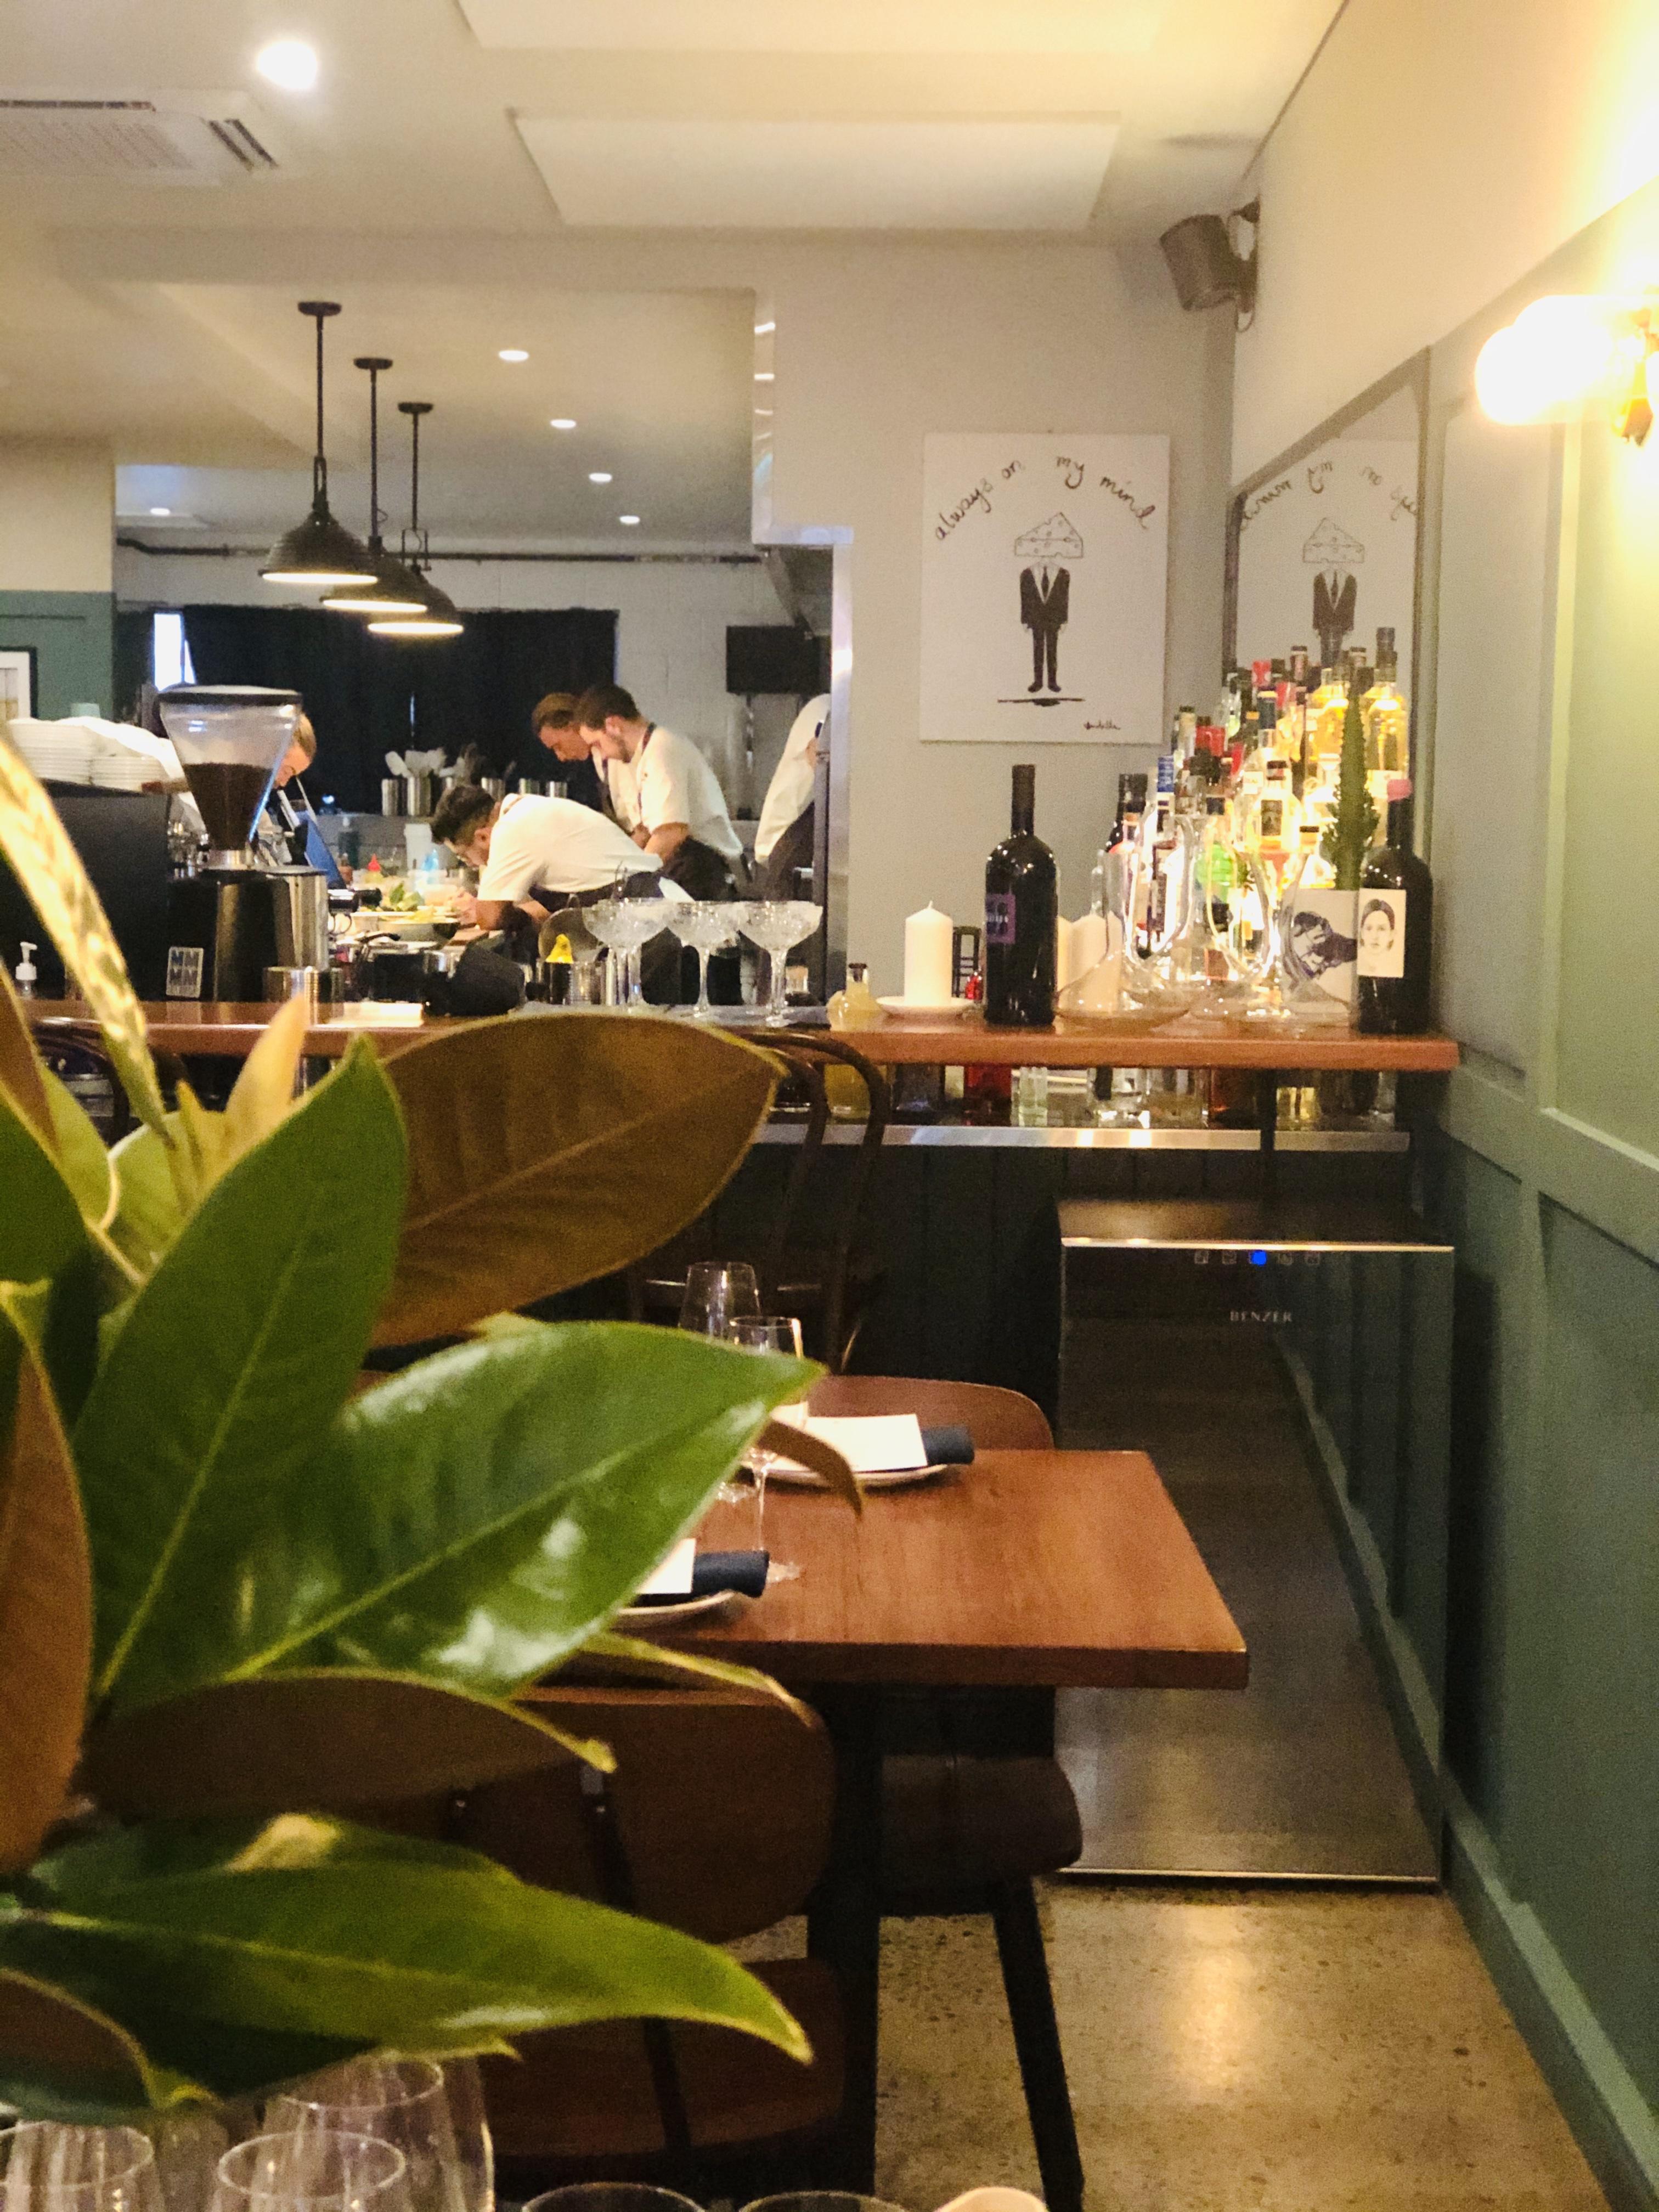 Kitchen staff at work at Labart Restaurant in Burleigh Heads